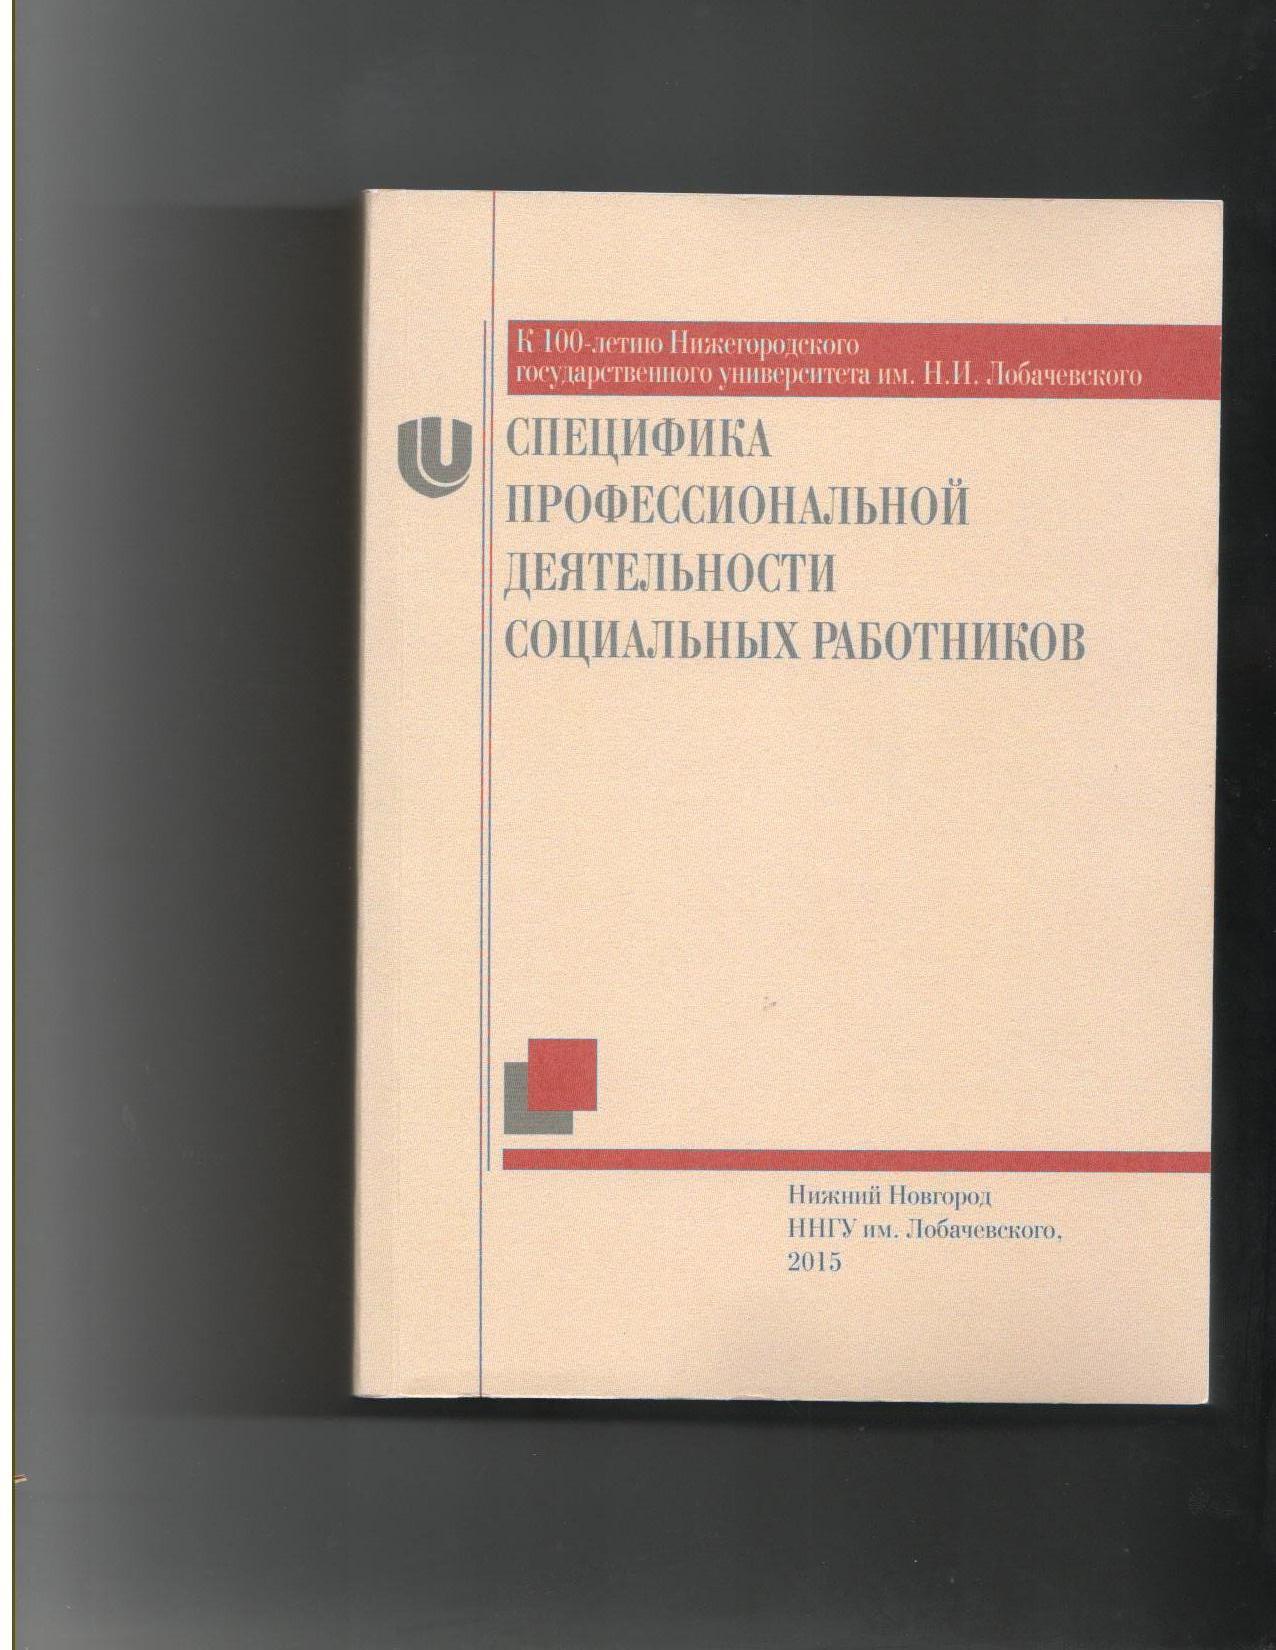 Образ нового социального работника в контексте третьей профессиональной революции Г. Перкина